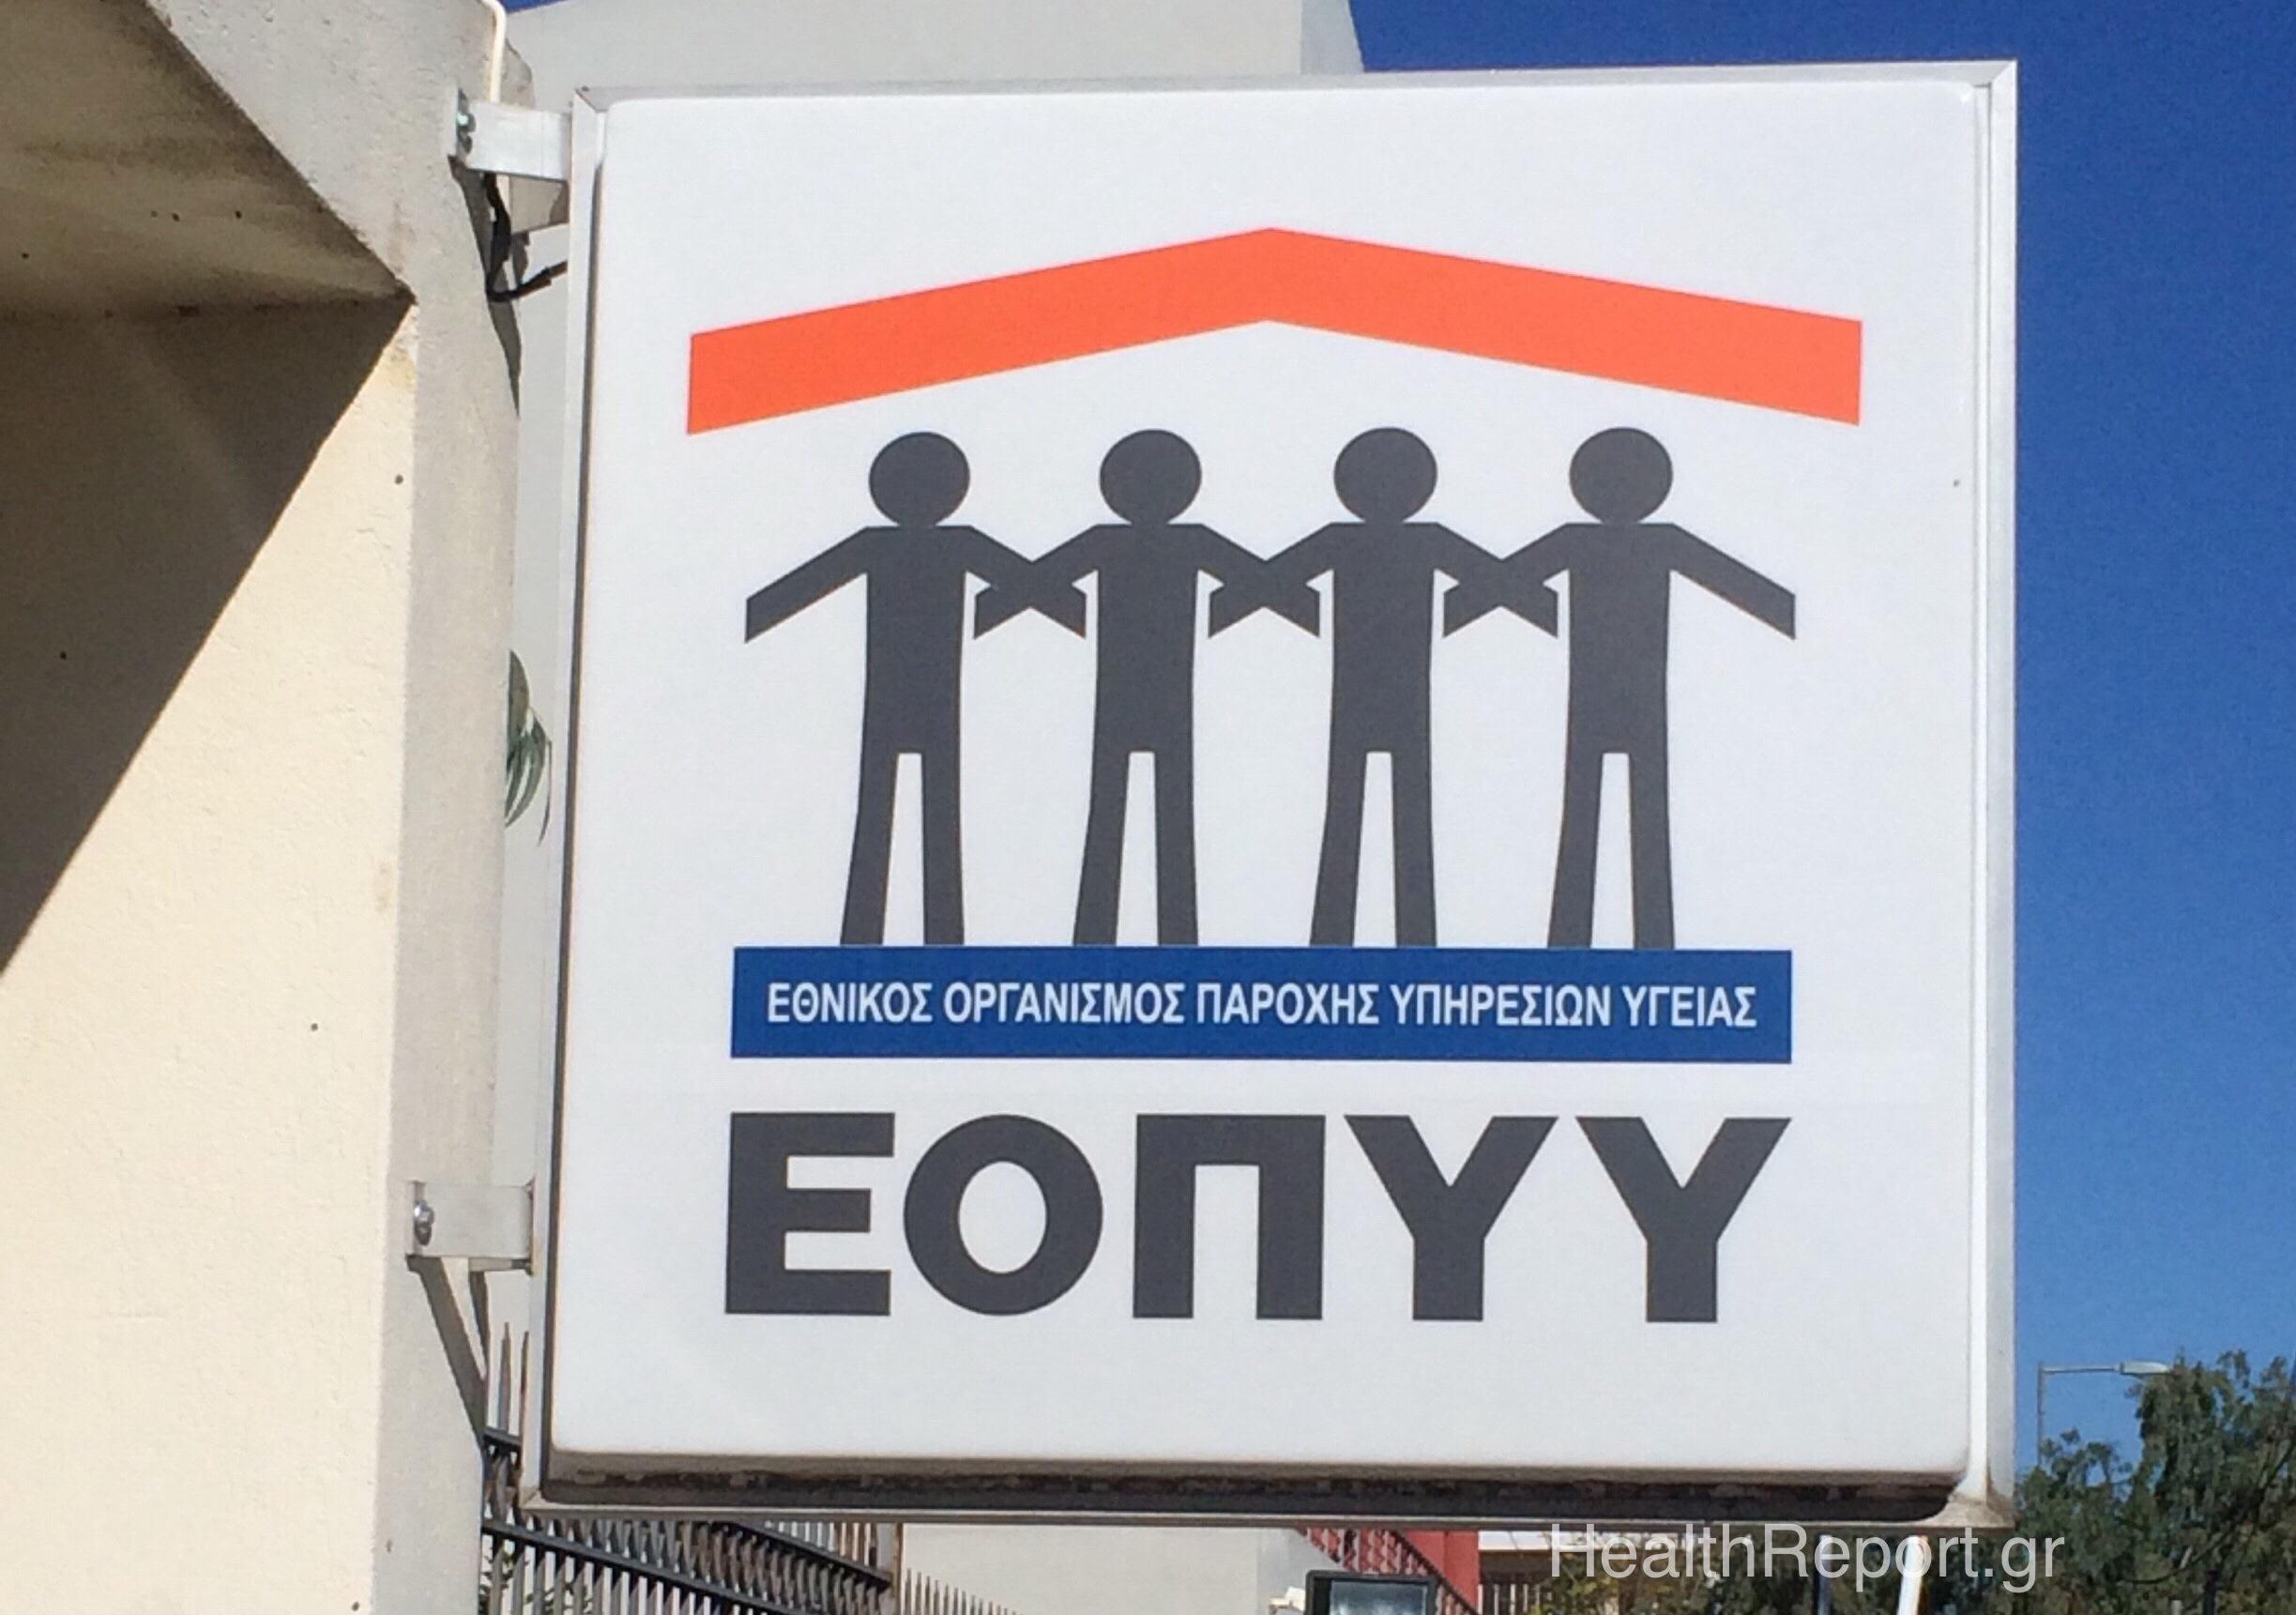 Η τέως επικεφαλής ελέγχου του ΕΟΠΥΥ κατά Πολάκη και Γεροβασίλη: «Καλύψατε παράνομες ενέργειες γιατρών»! Επιστολή φωτιά